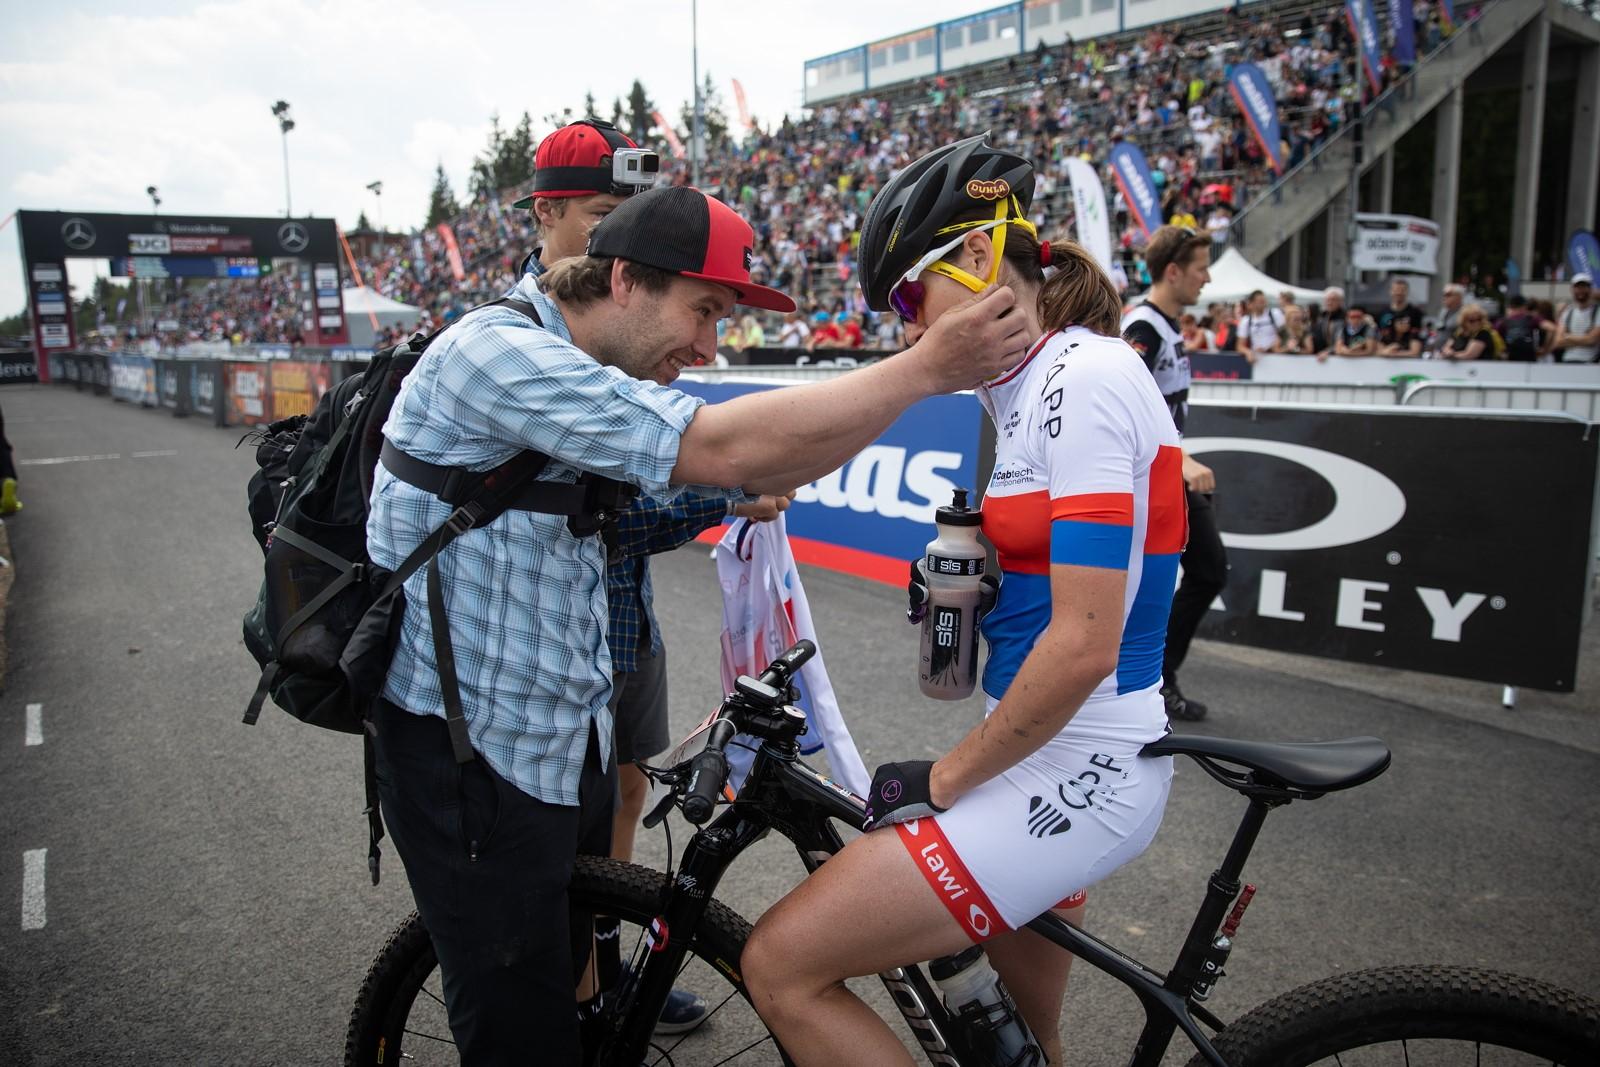 Jitka Čábelická s manželem Pavlem po závodě v Novém Městě na Moravě. Foto: Michal Červený